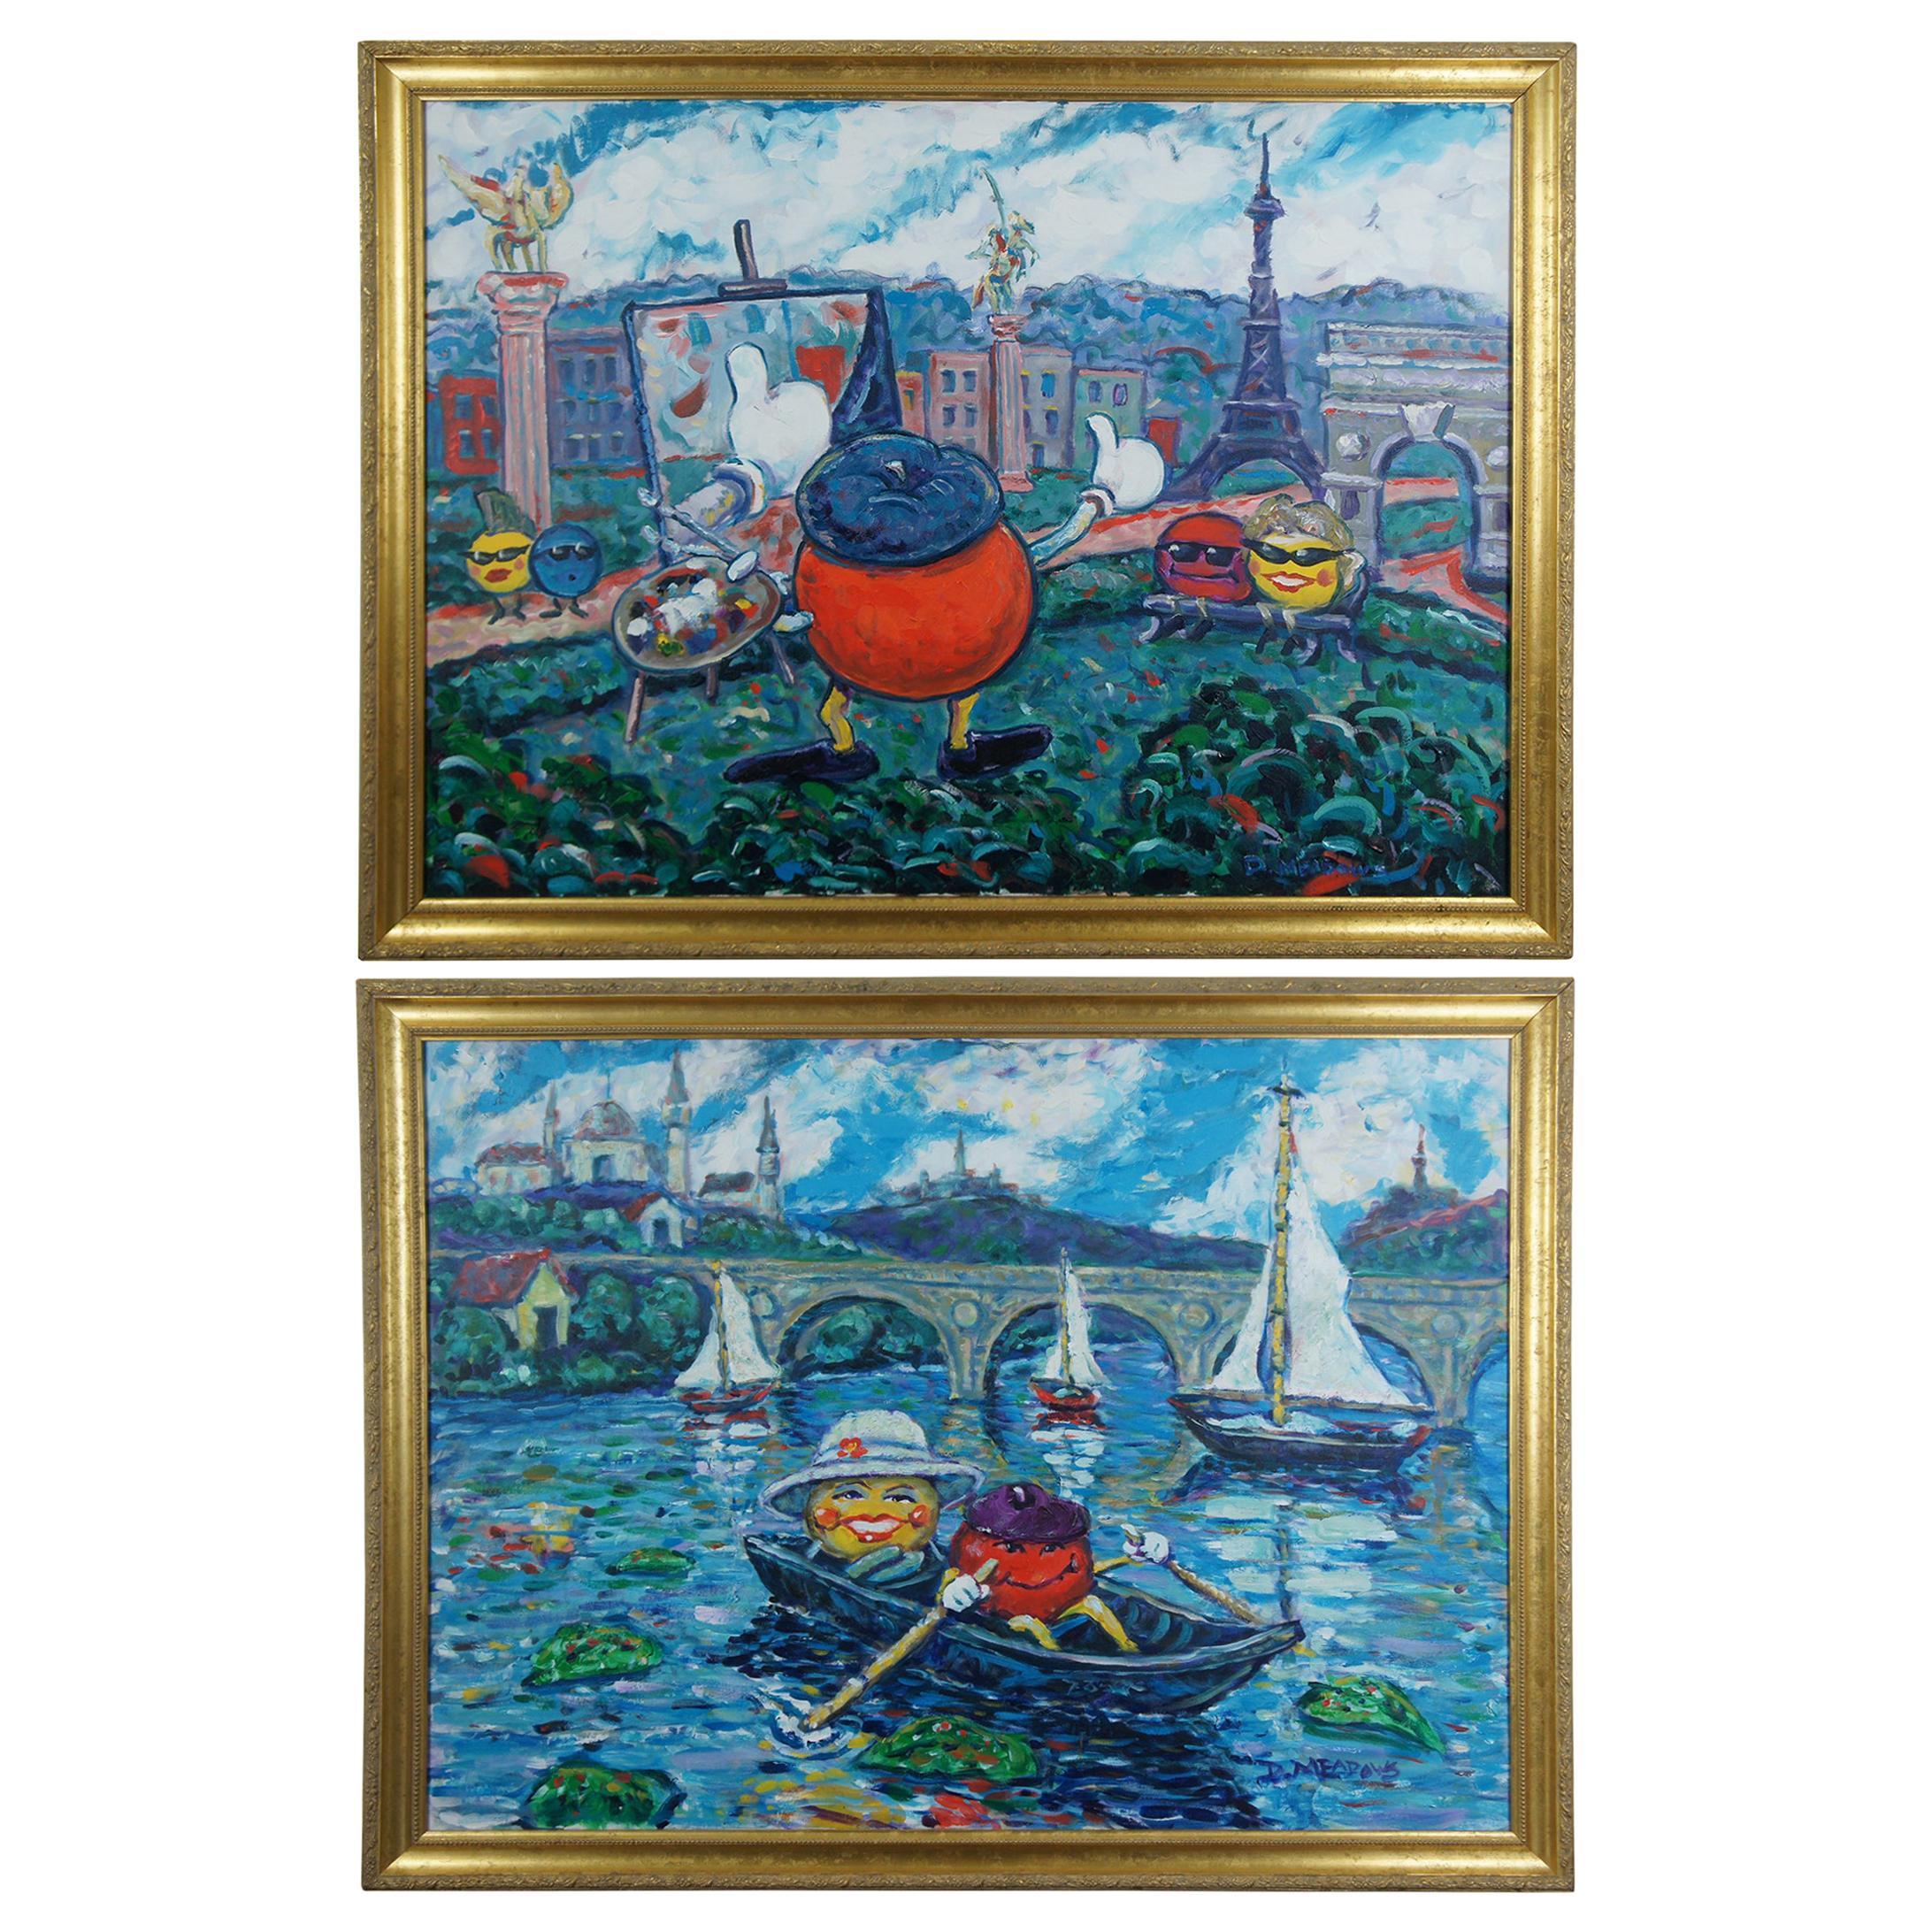 Redman & Lady Dot D. Meadows Impressionist Landscapes Paintings Paris Romantic